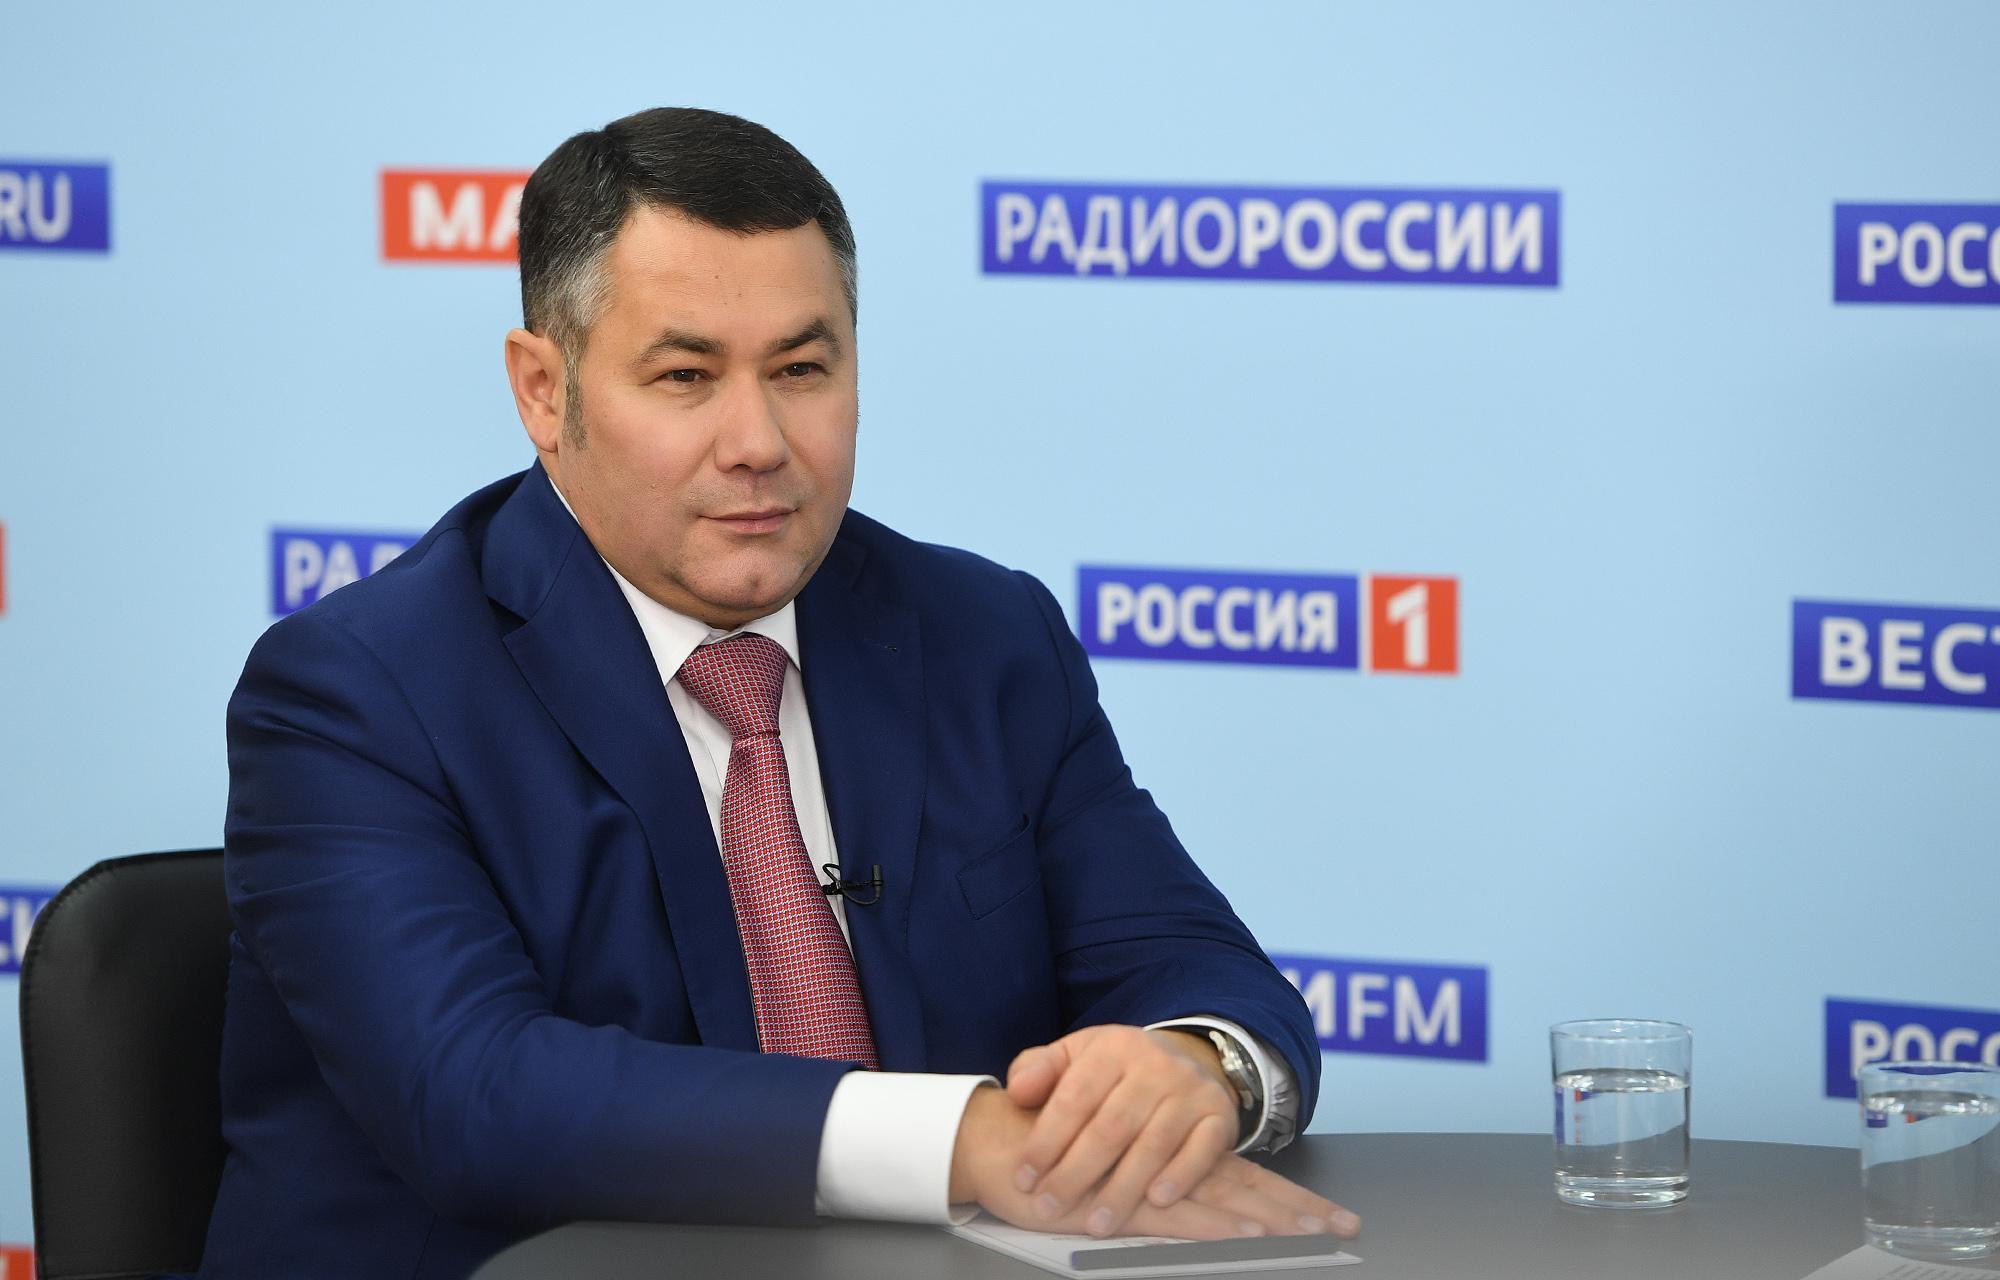 Губернатор Игорь Руденя ответил на главные вопросы о газе, новогодних праздниках и бесплатных лекарствах